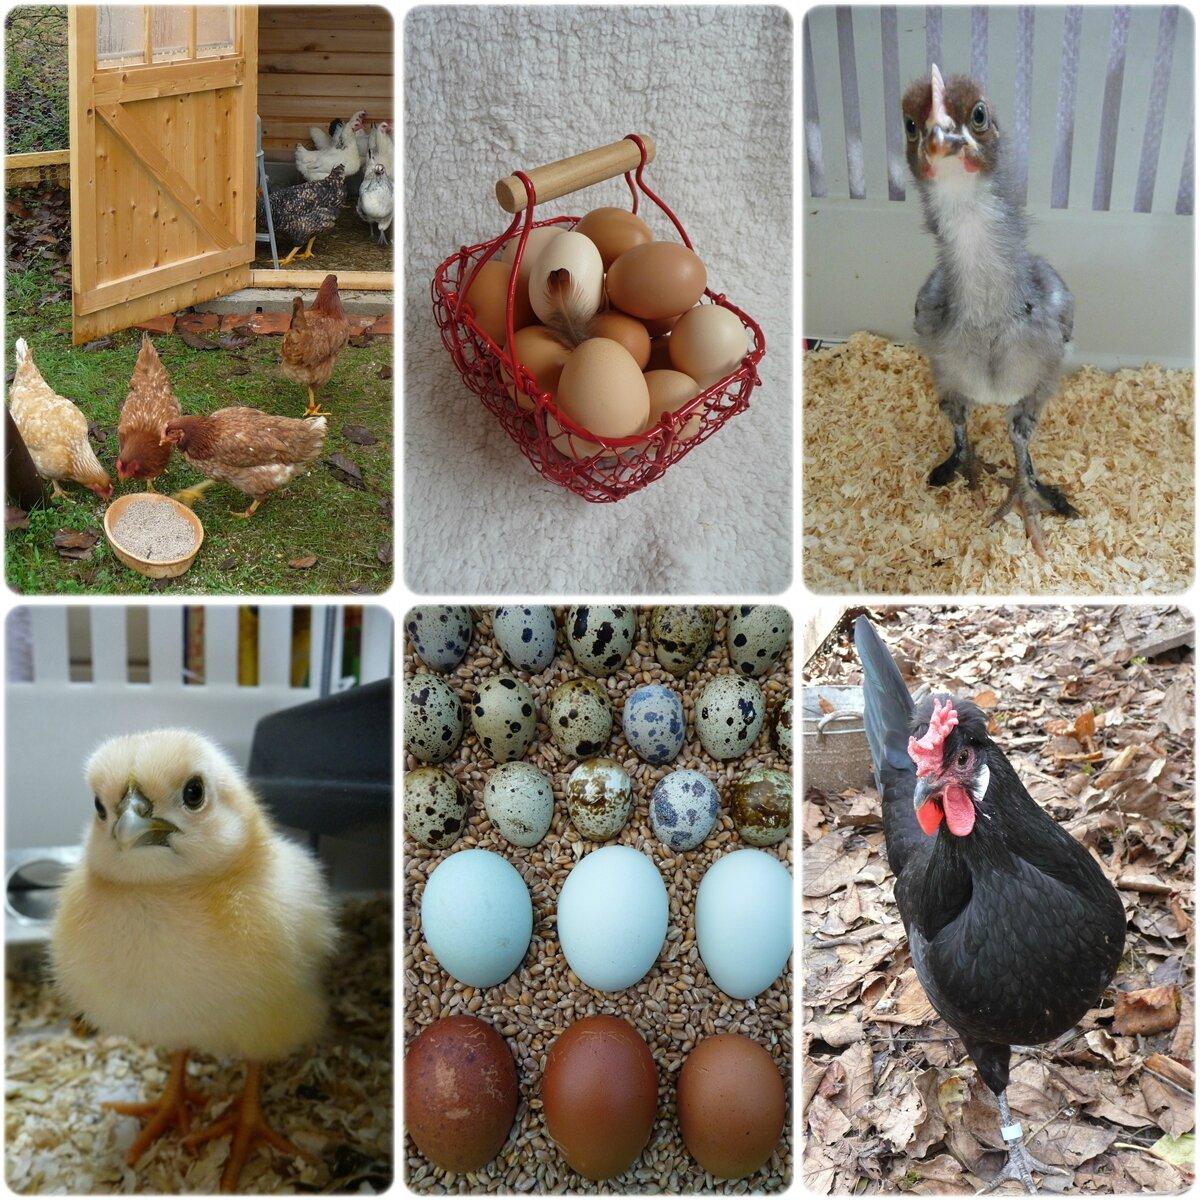 Poules pondeuses noires trouvez le meilleur prix sur voir avant d 39 acheter - Ou acheter des poules pondeuses ...